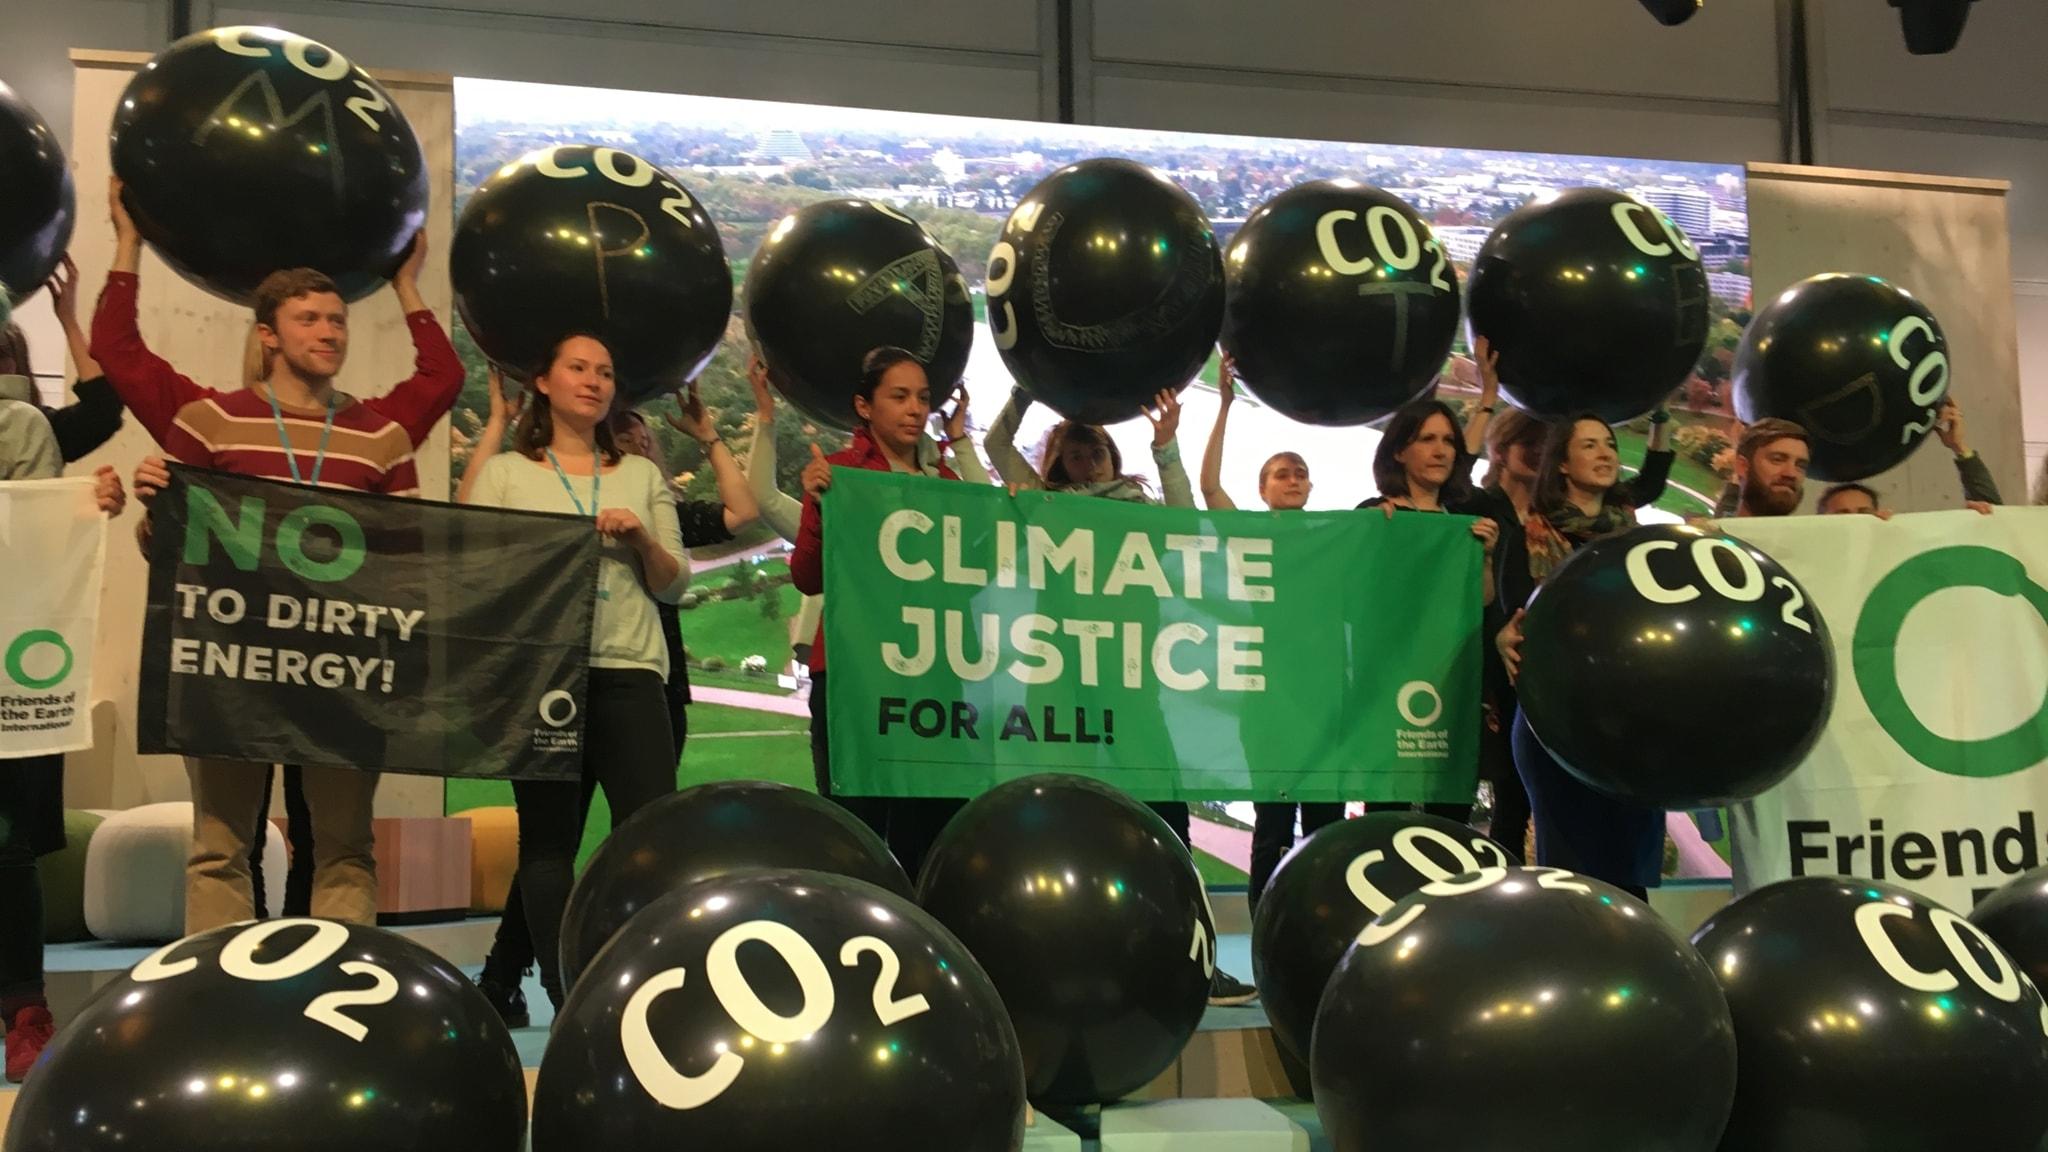 Ungdomar håller upp svarta ballonger med texten CO2 och visar banderoller med texten No to dirty energy och Climate justice for all